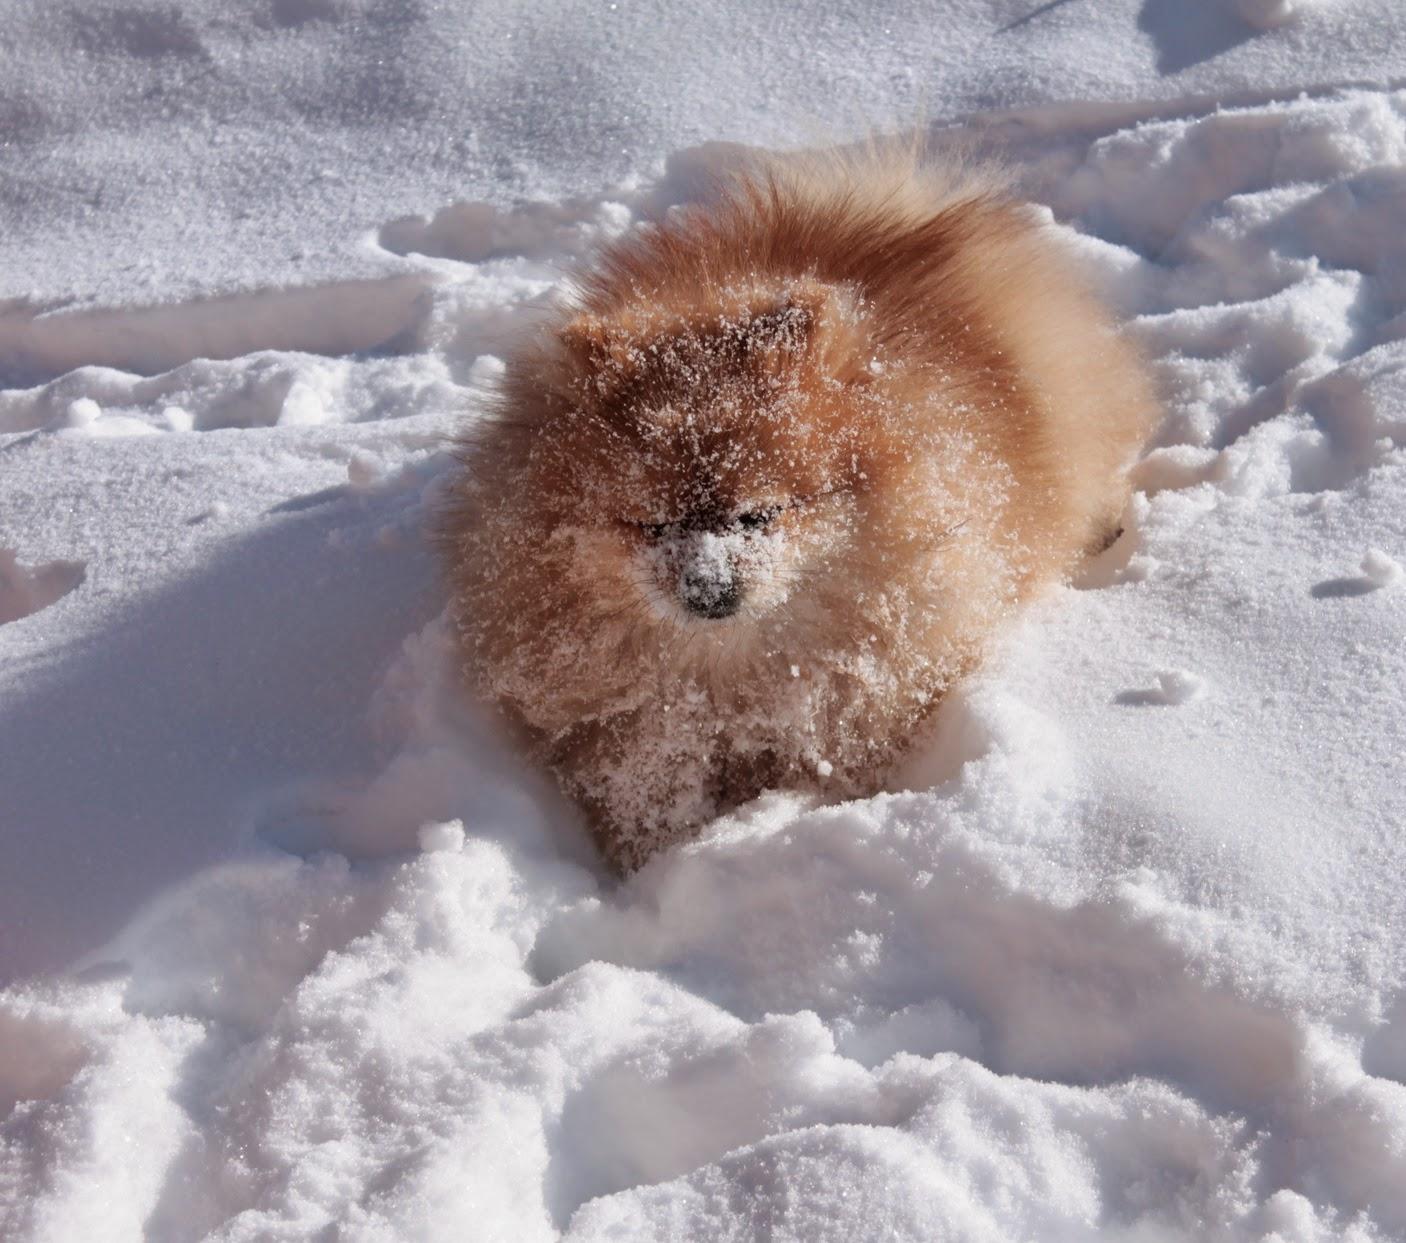 Шпиц, собака